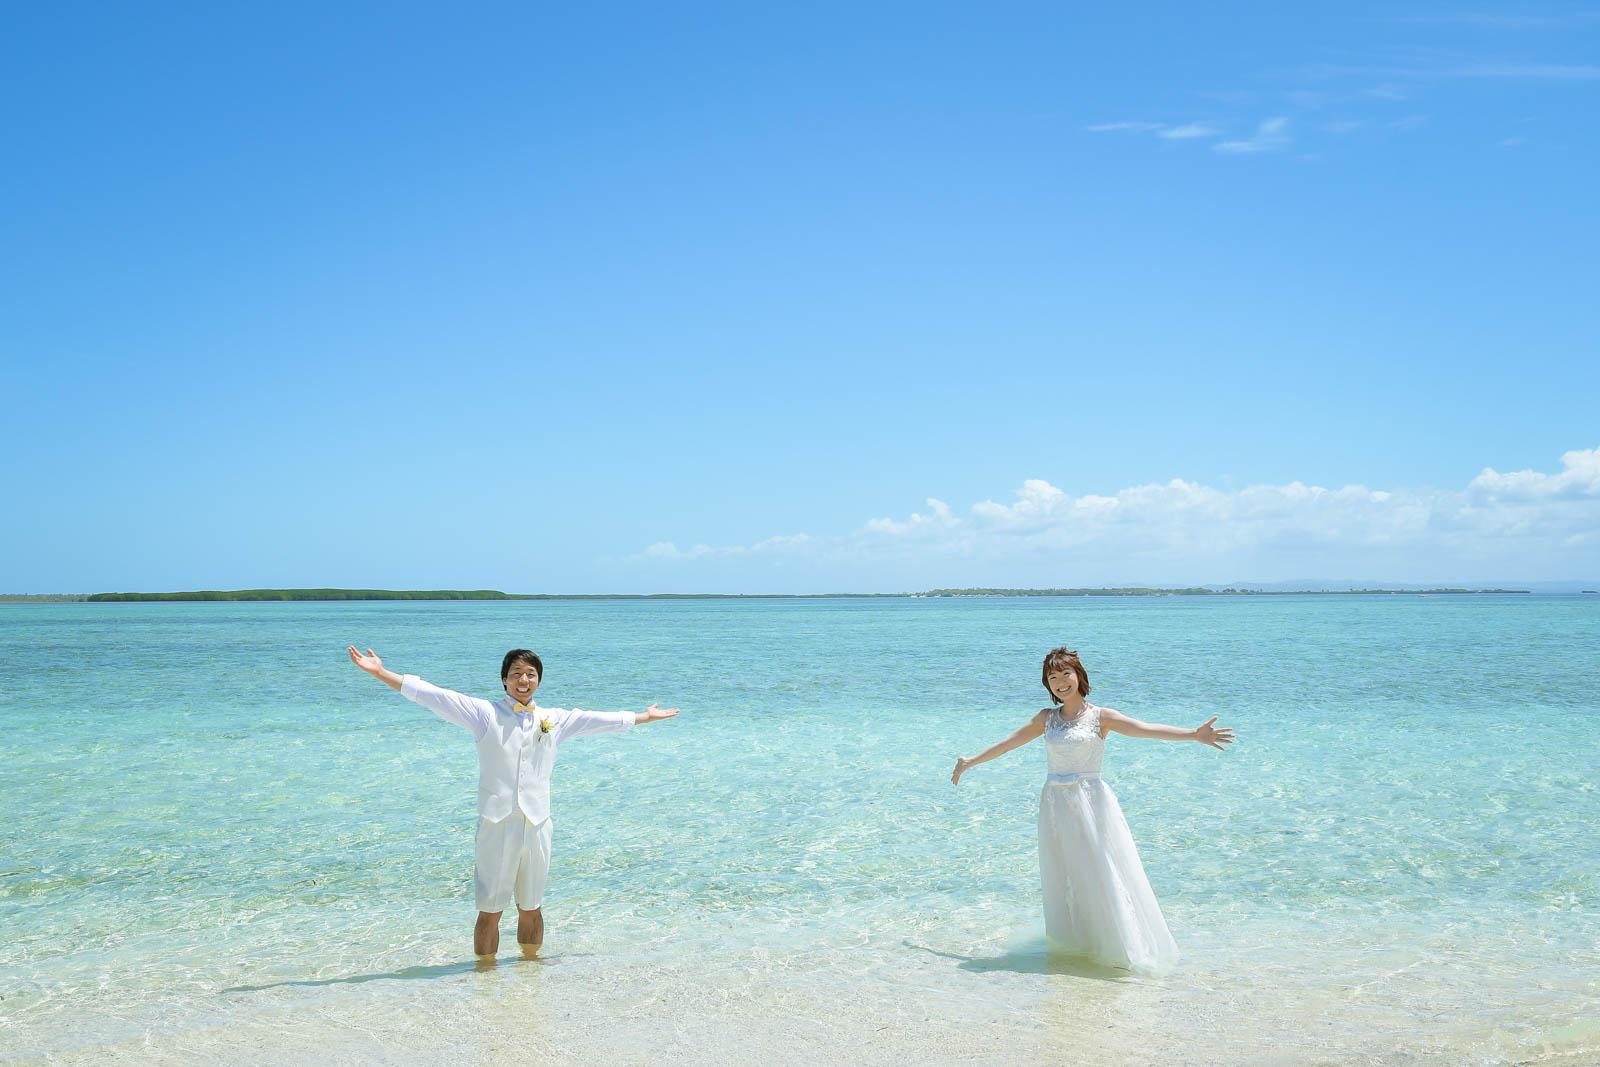 ソルパ島で結婚写真